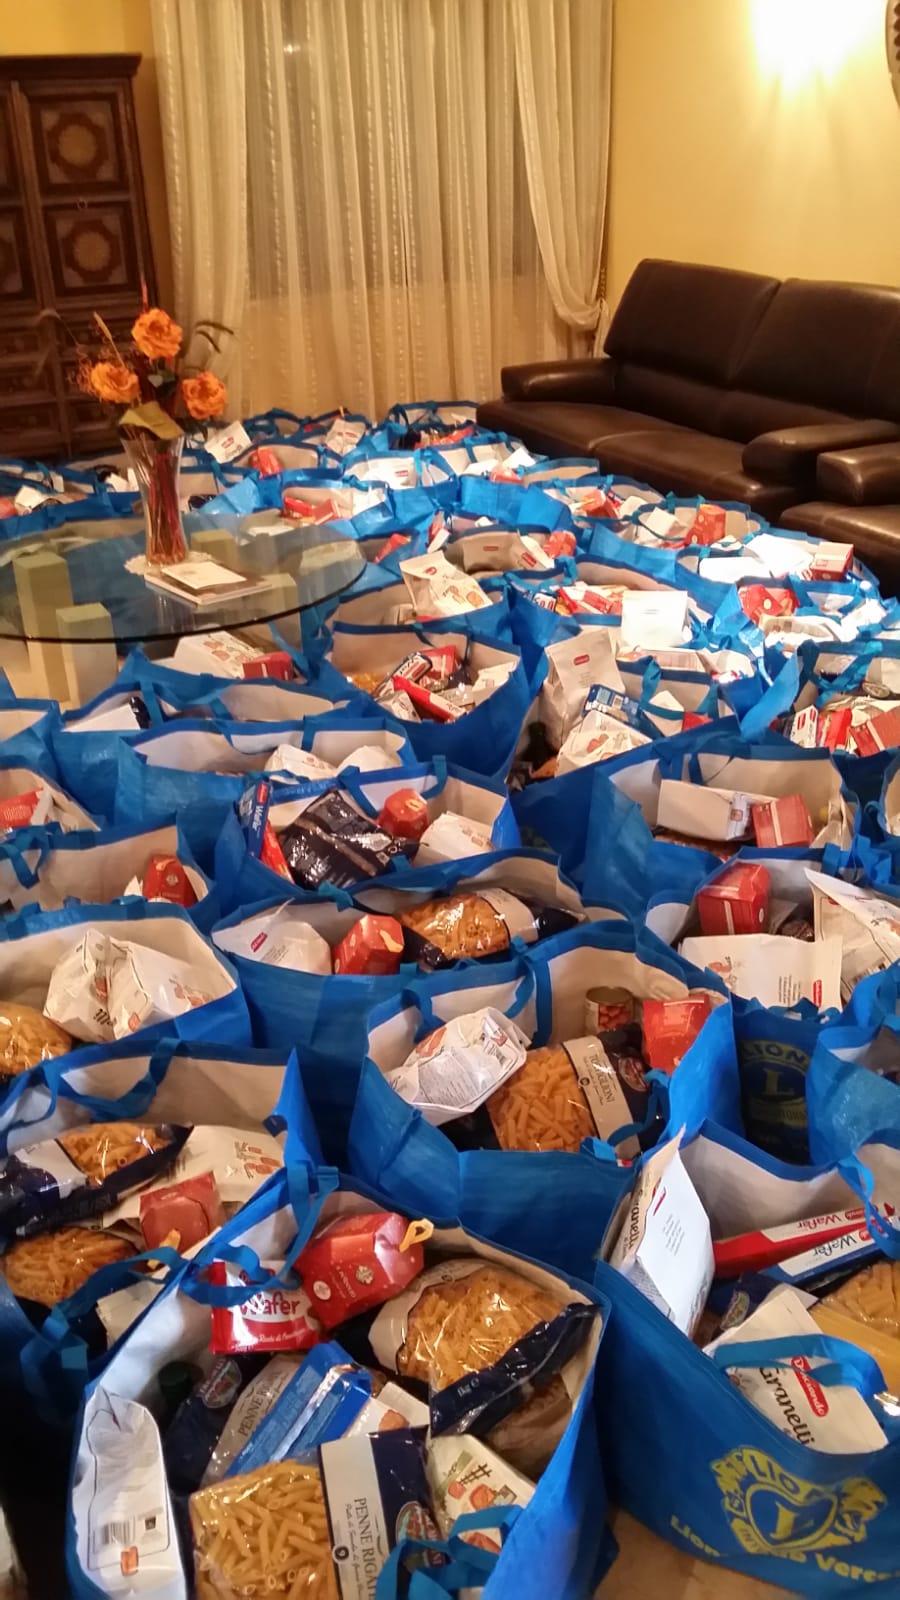 Raccolta alimentare: 156 borse per le famiglie in difficoltà